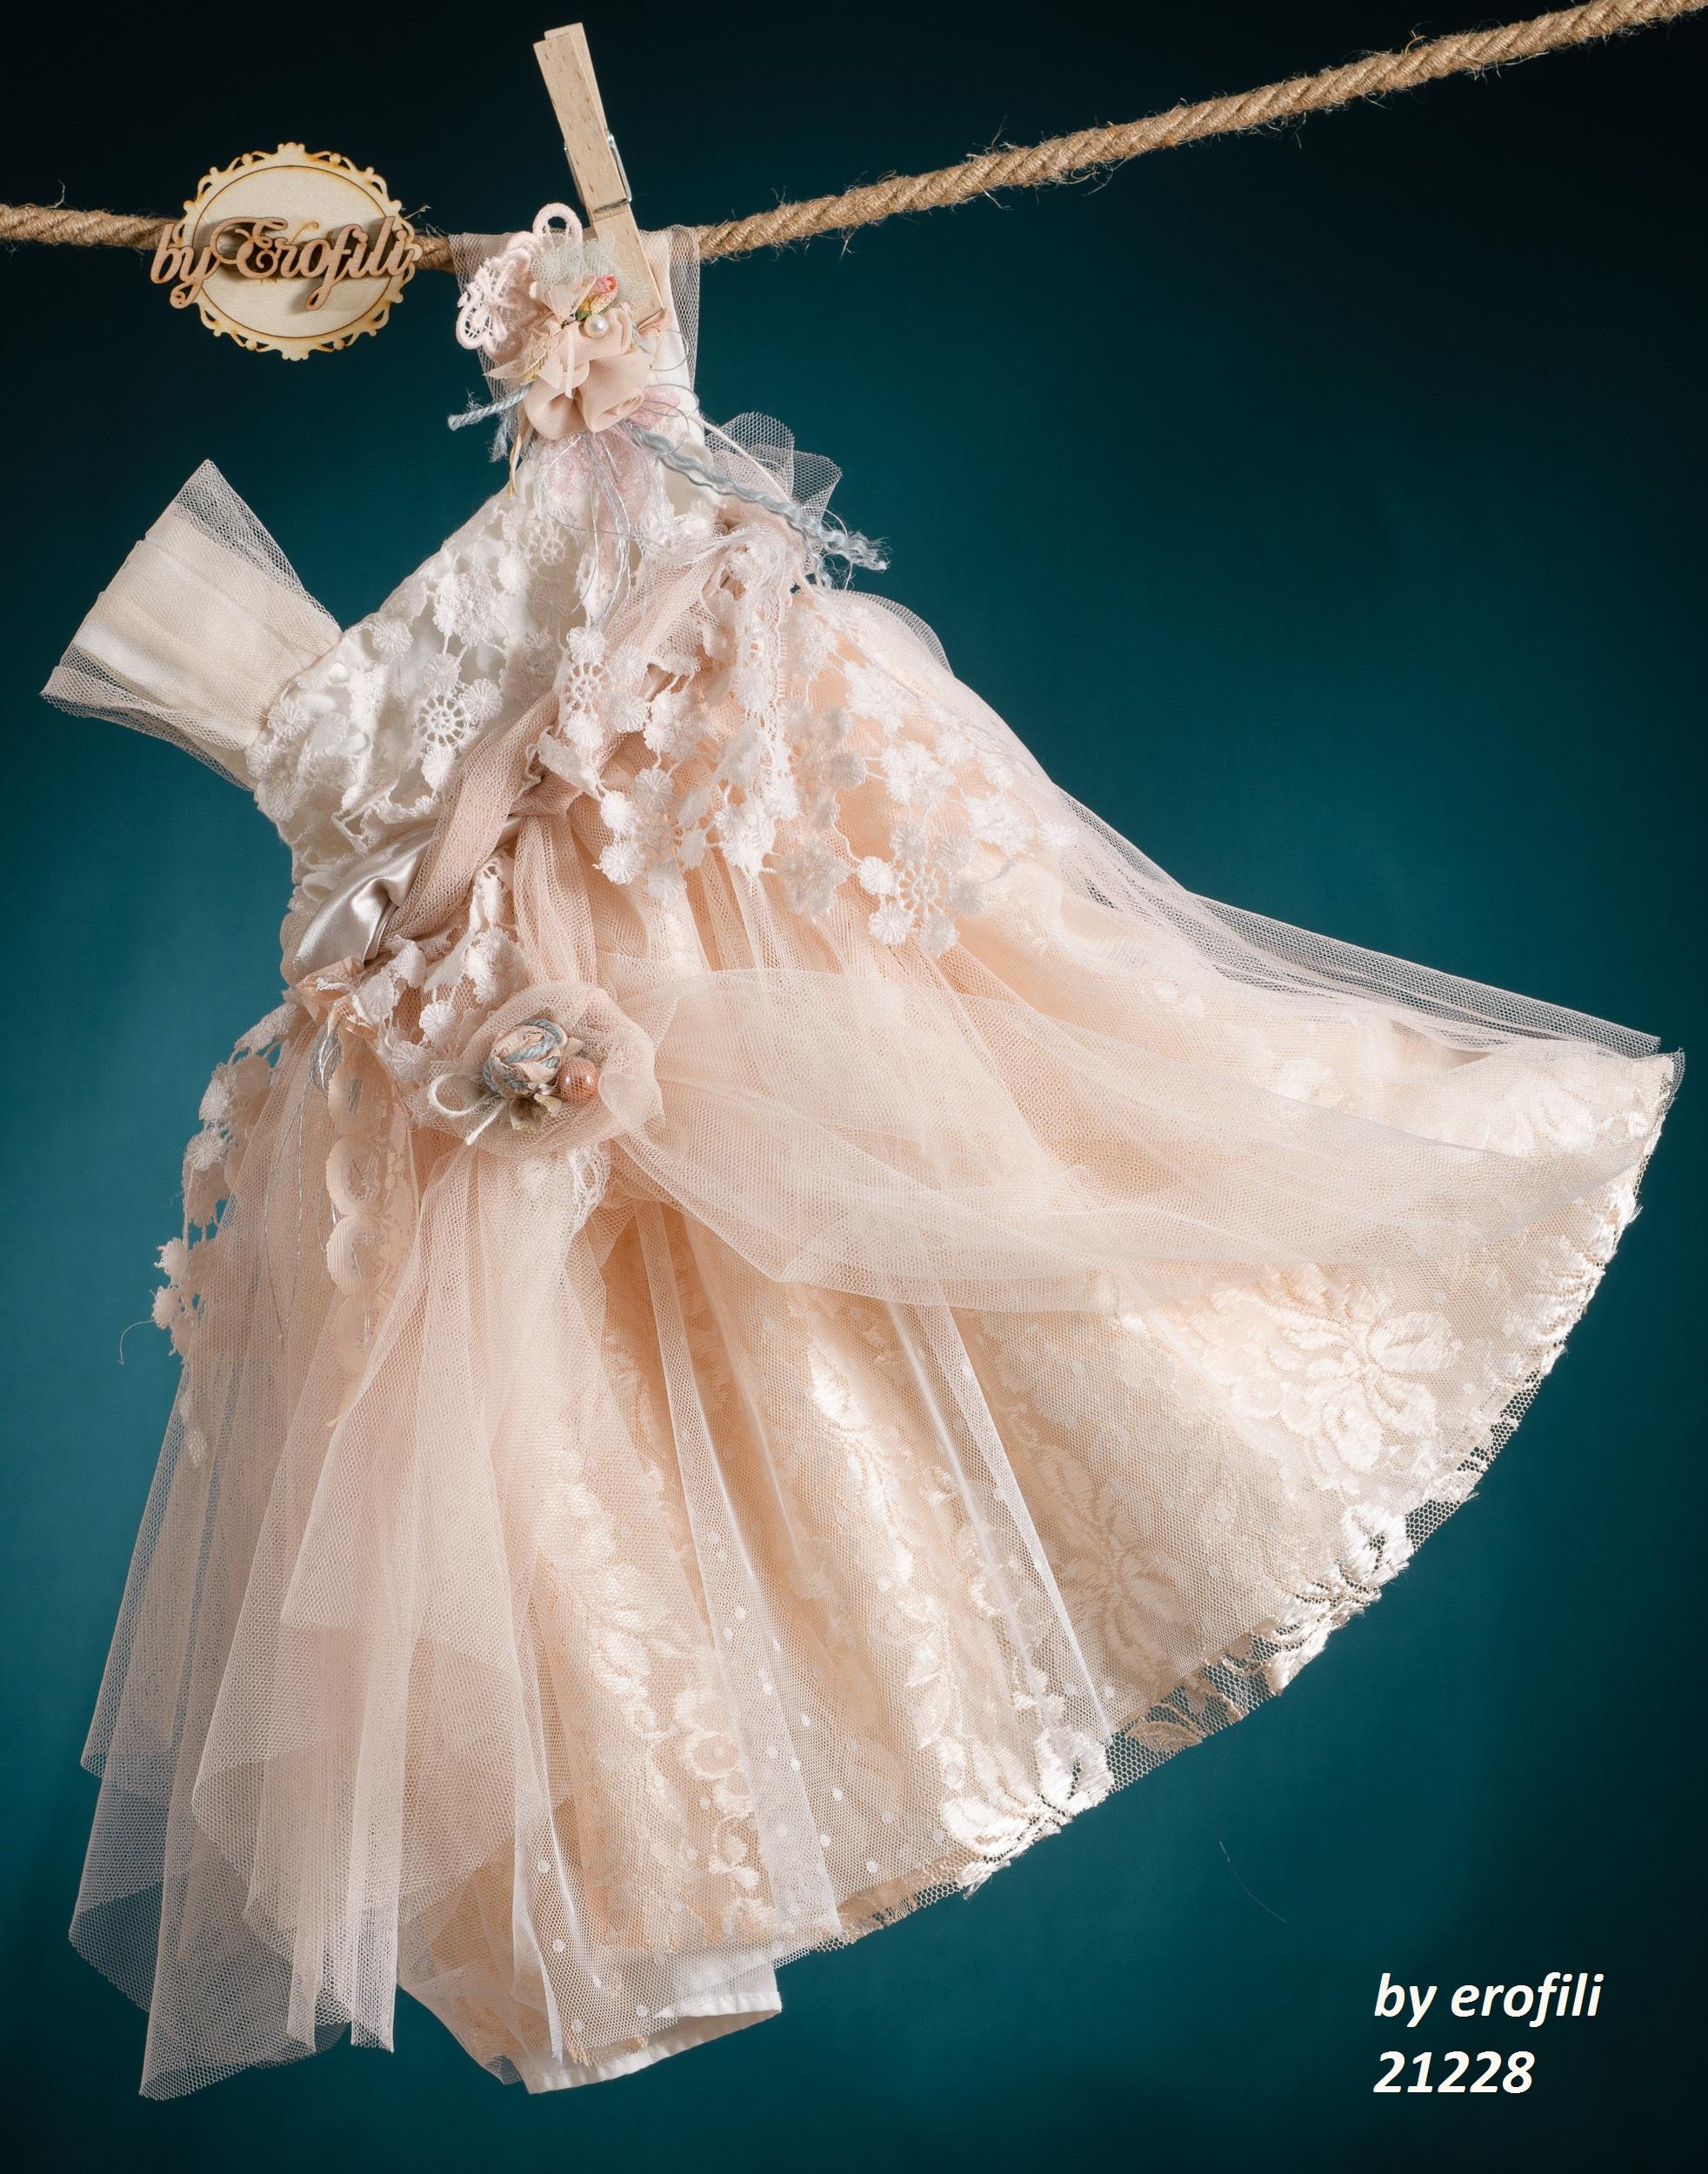 Ένα γκλαμ βαφτιστικό σύνολο για κορίτσι σε απαλό κοραλλί που περιλαμβάνει:  Φόρεμα (φόδρα από 100% βαμβάκι) με δαντελένιο μπούστο, τούλινη φούστα, ζώνη με υφασμάτινα λουλούδια  Στεφανάκι με ασορτί χειροποίητα λουλούδια Για τις πιο εντυπωσιακές εμφανίσεις!